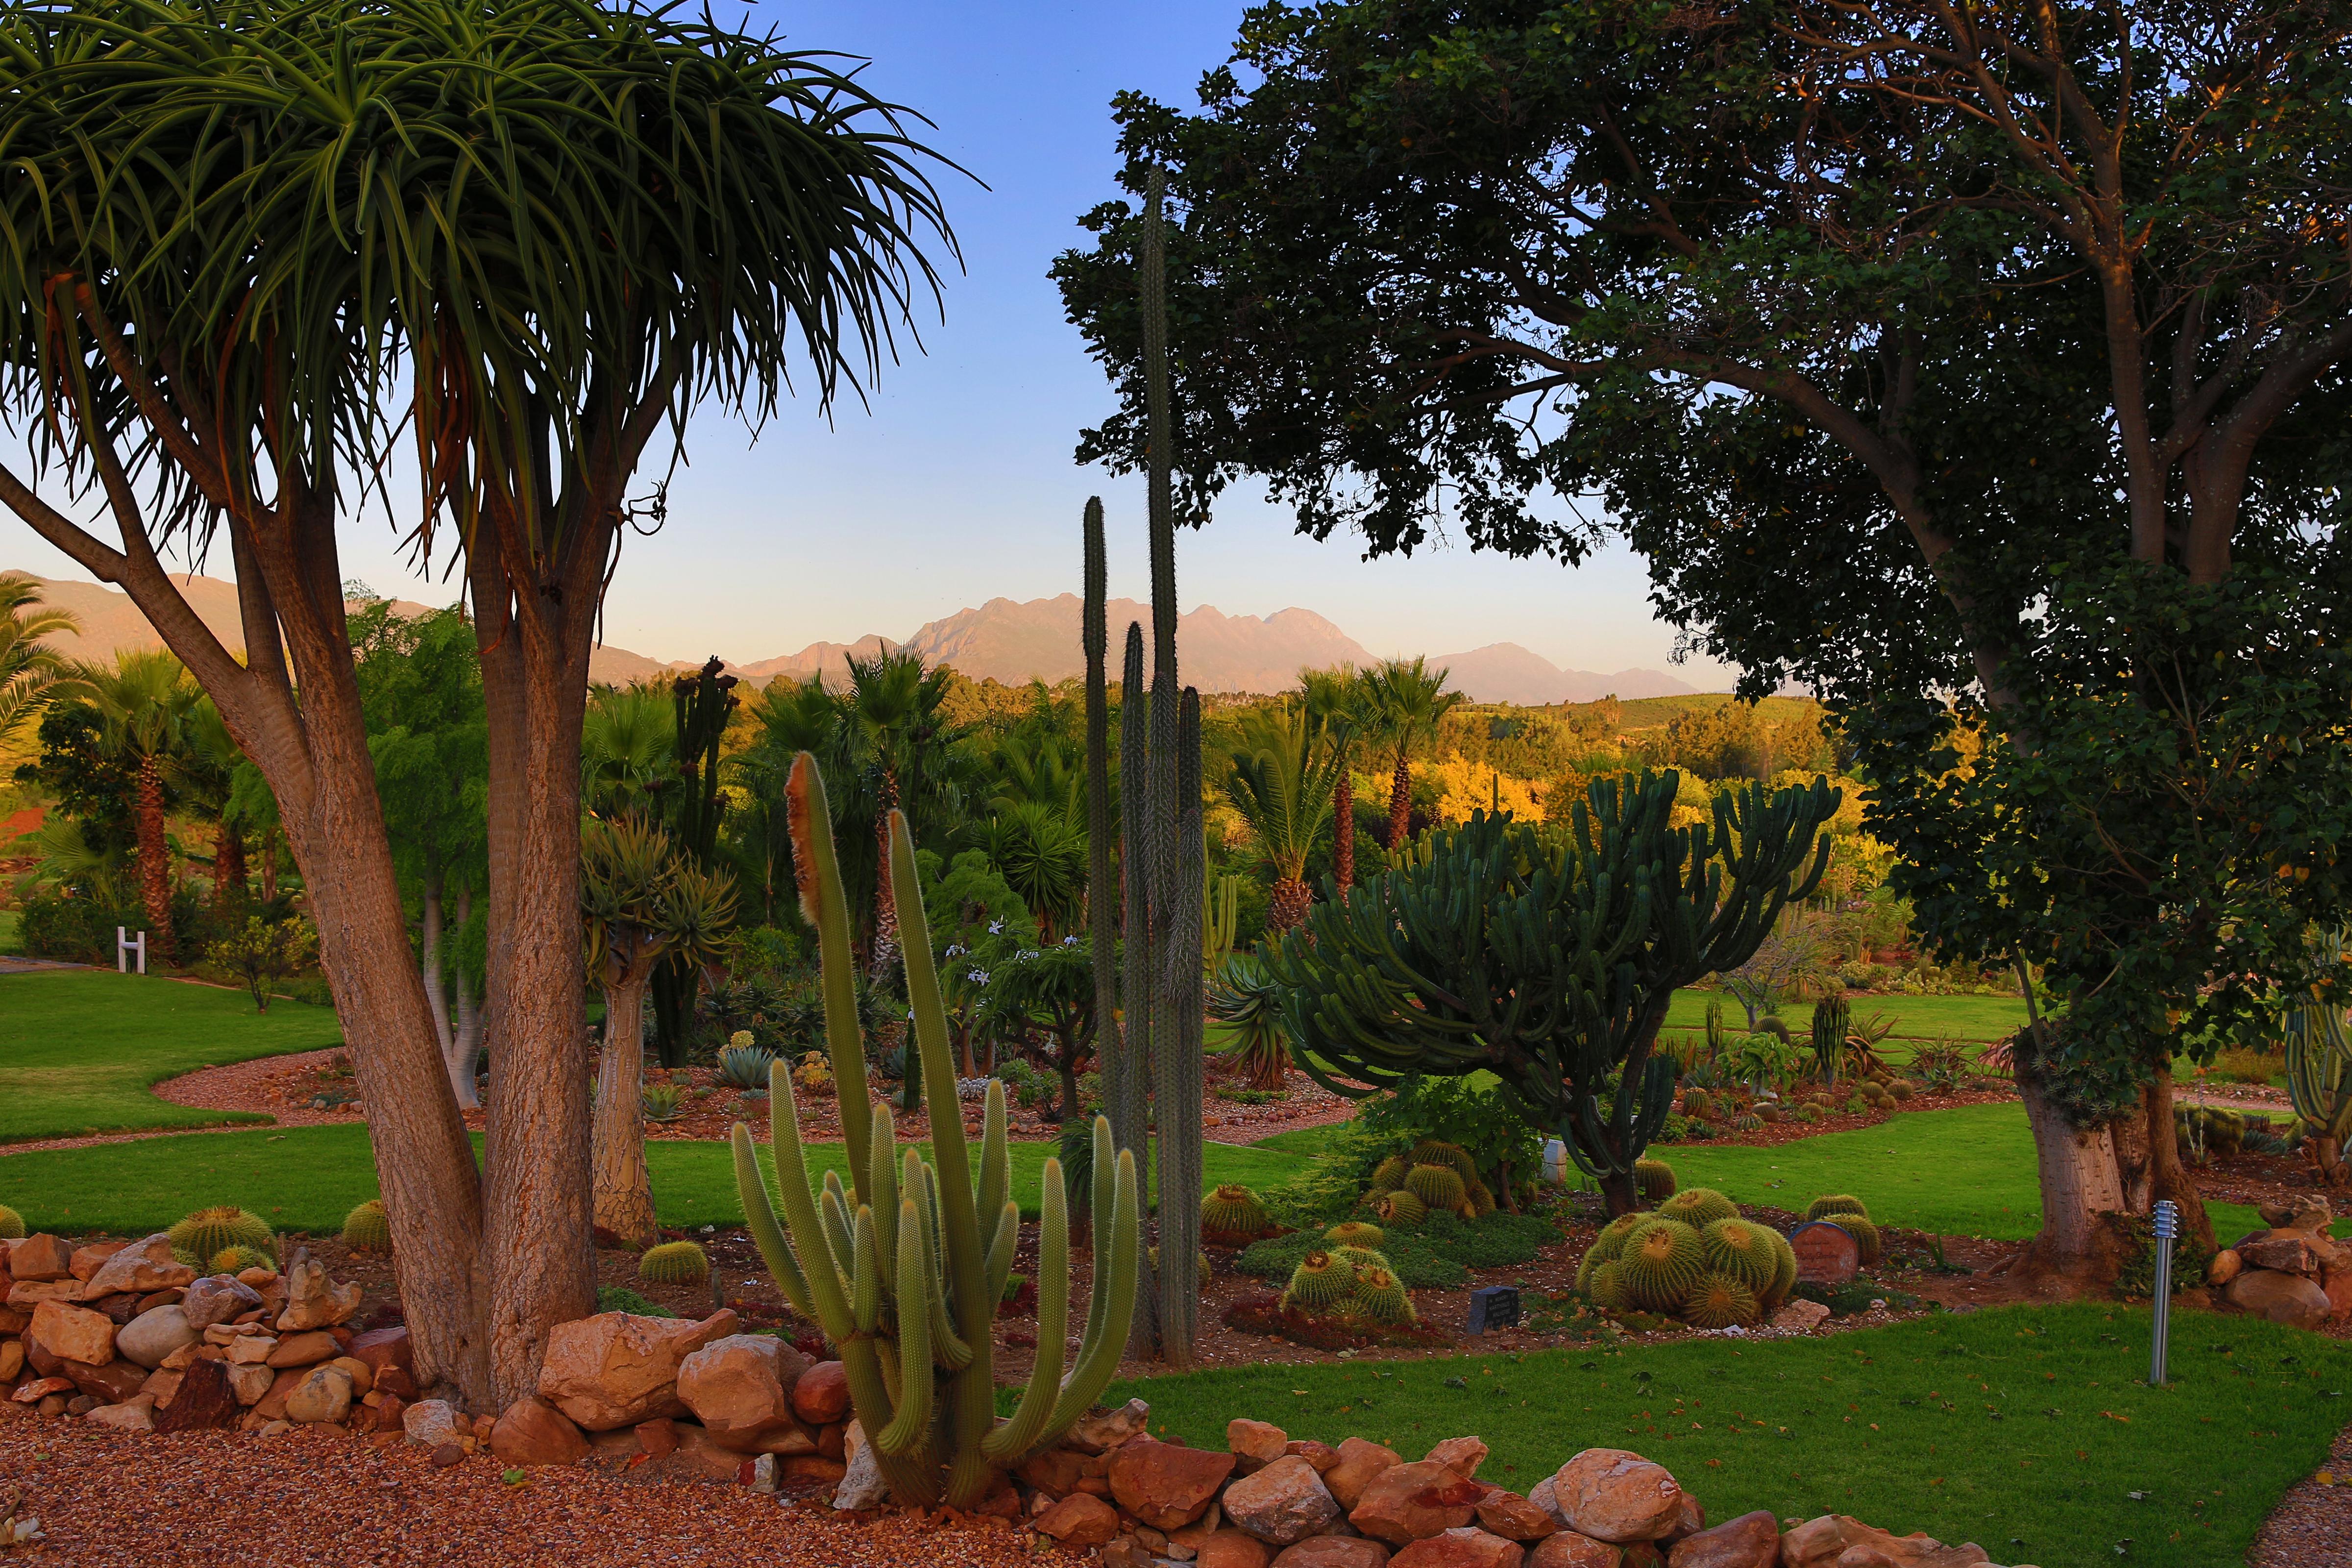 Картинки Африка Южно-Африканская Республика Природа Парки Кактусы деревьев 4800x3200 ЮАР парк дерево дерева Деревья